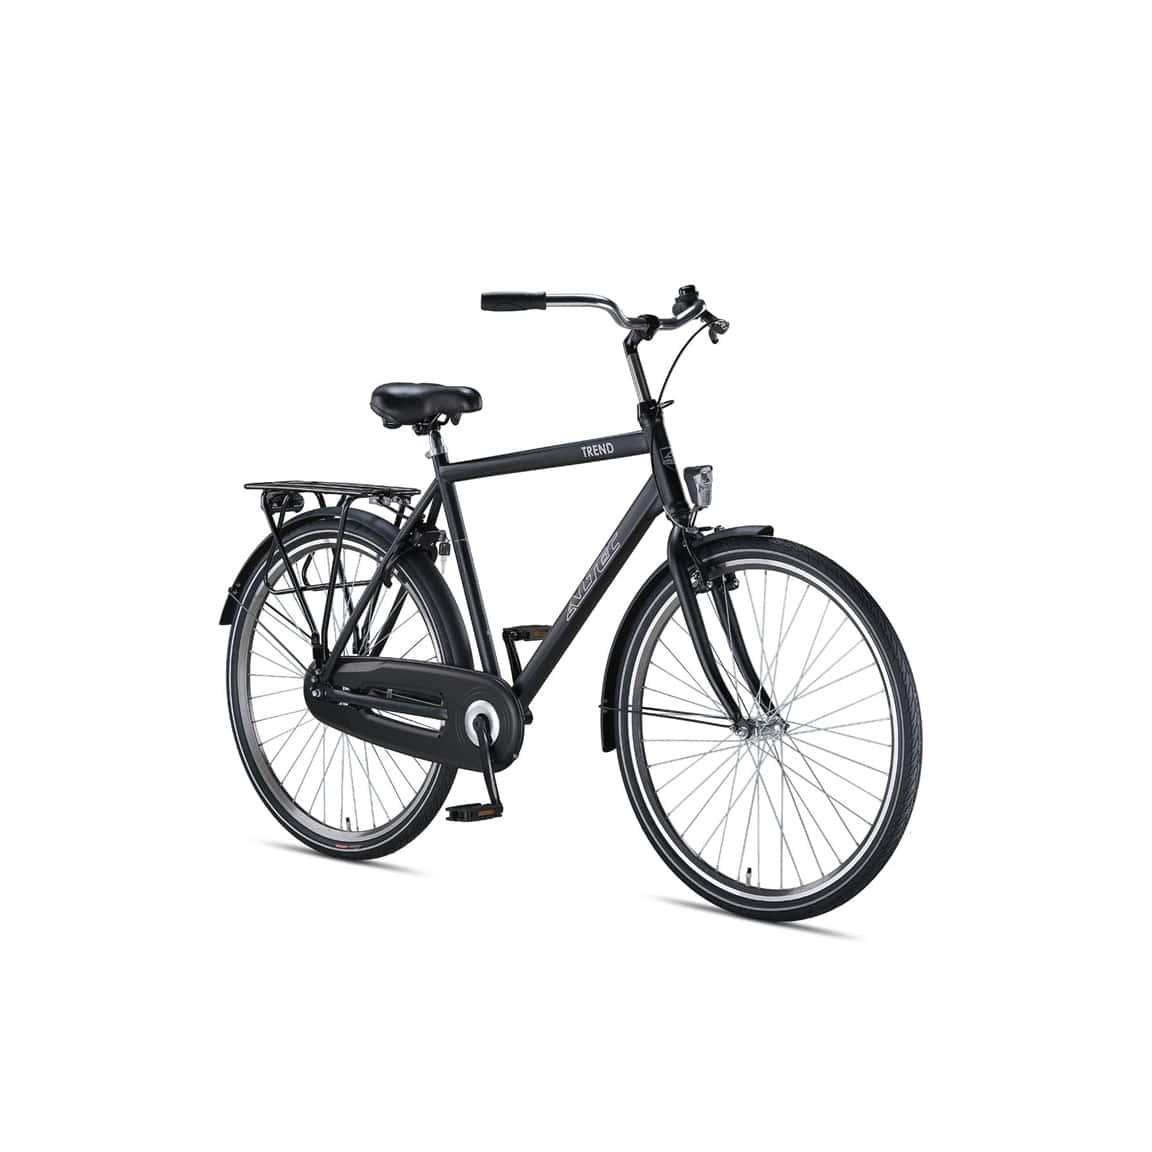 Altec-Trend-28-inch-Herenfiets-61cm-Zwart-2019-1-min